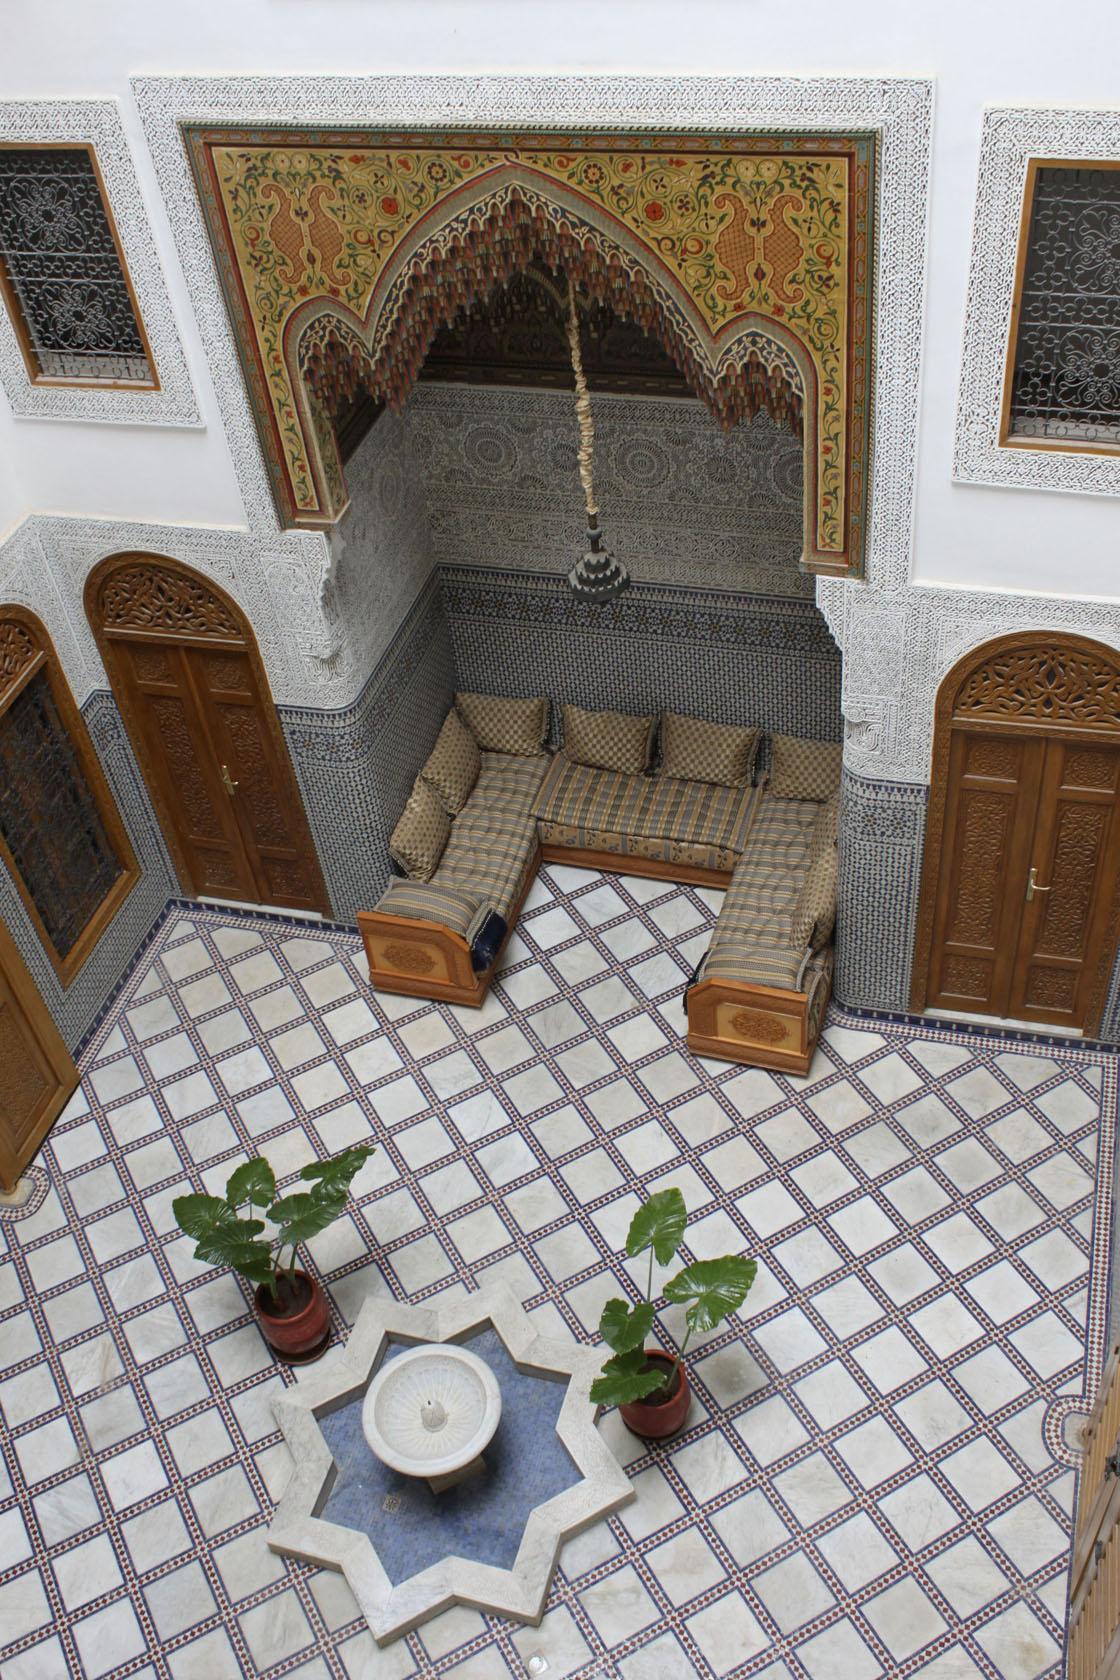 Dar Balmira's Courtyard